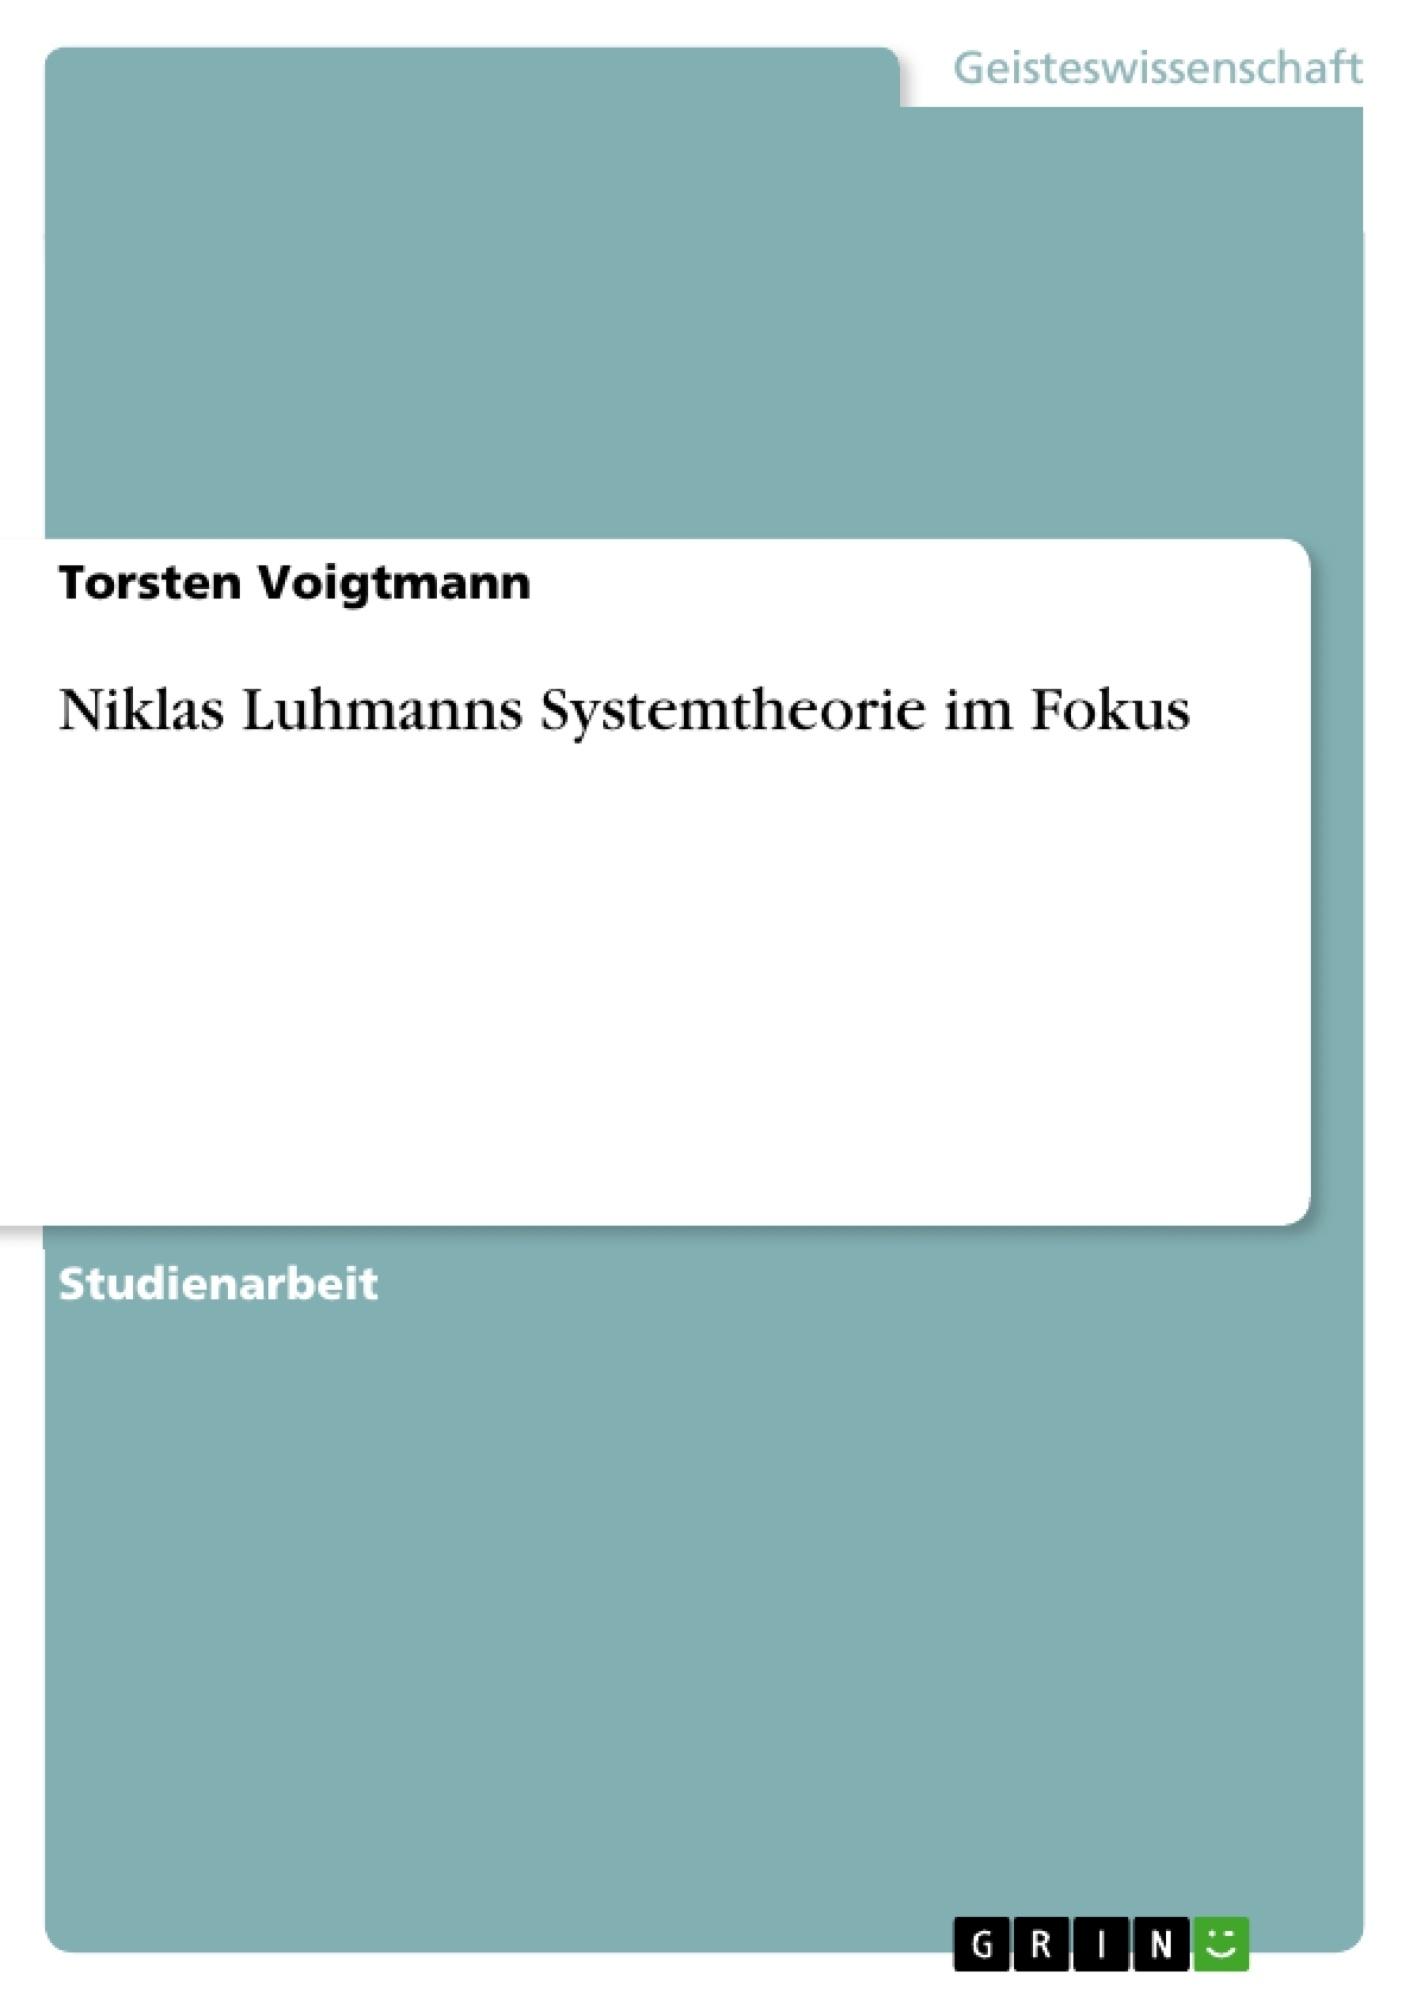 Titel: Niklas Luhmanns Systemtheorie im Fokus